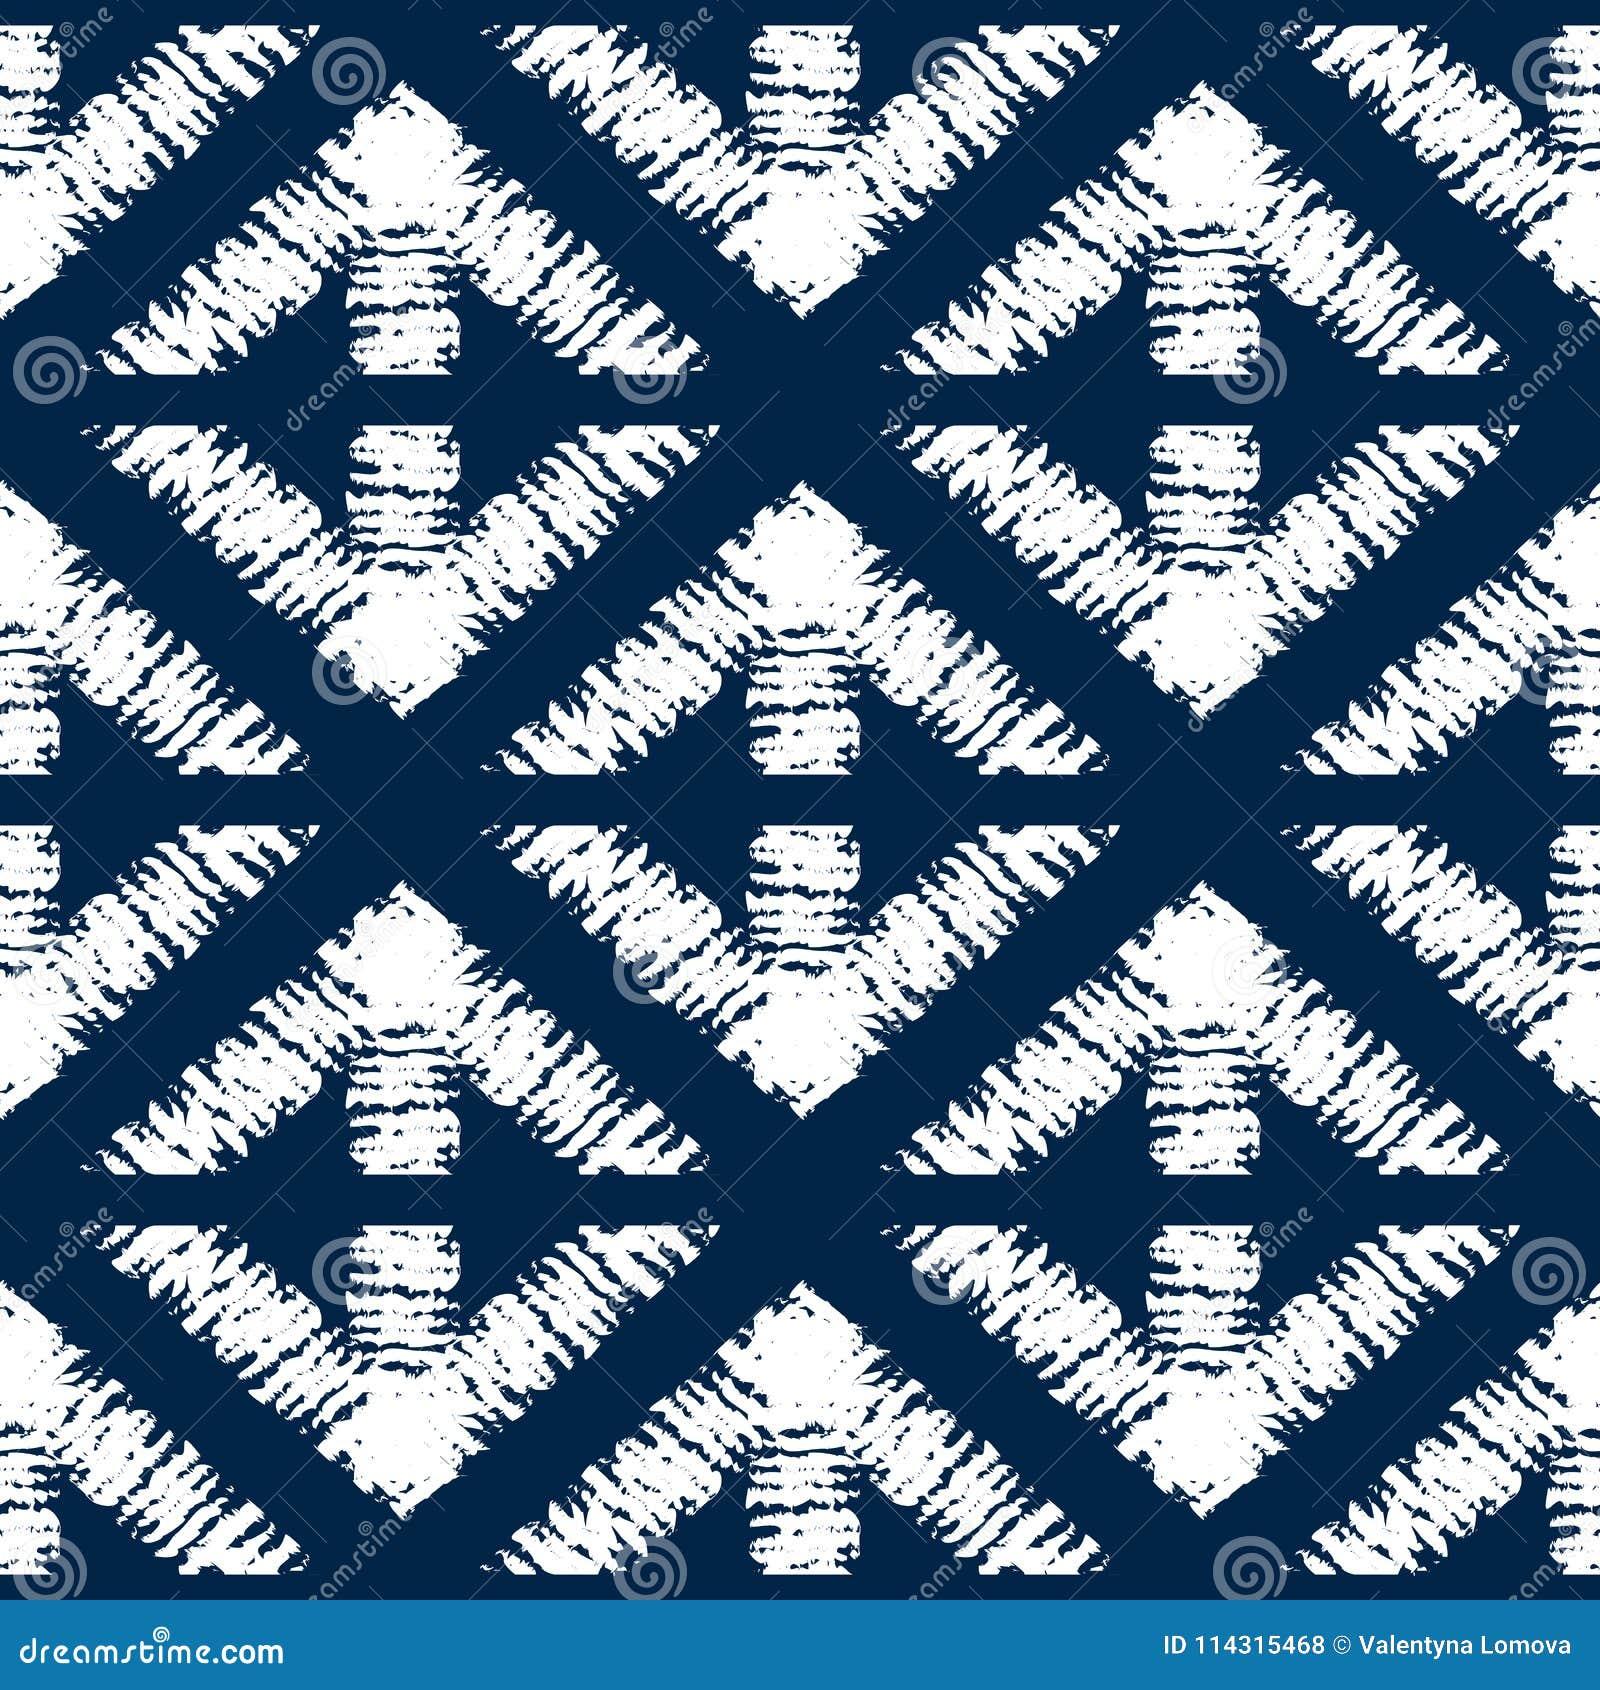 Abstract indigo shibori seamless pattern with mosaic